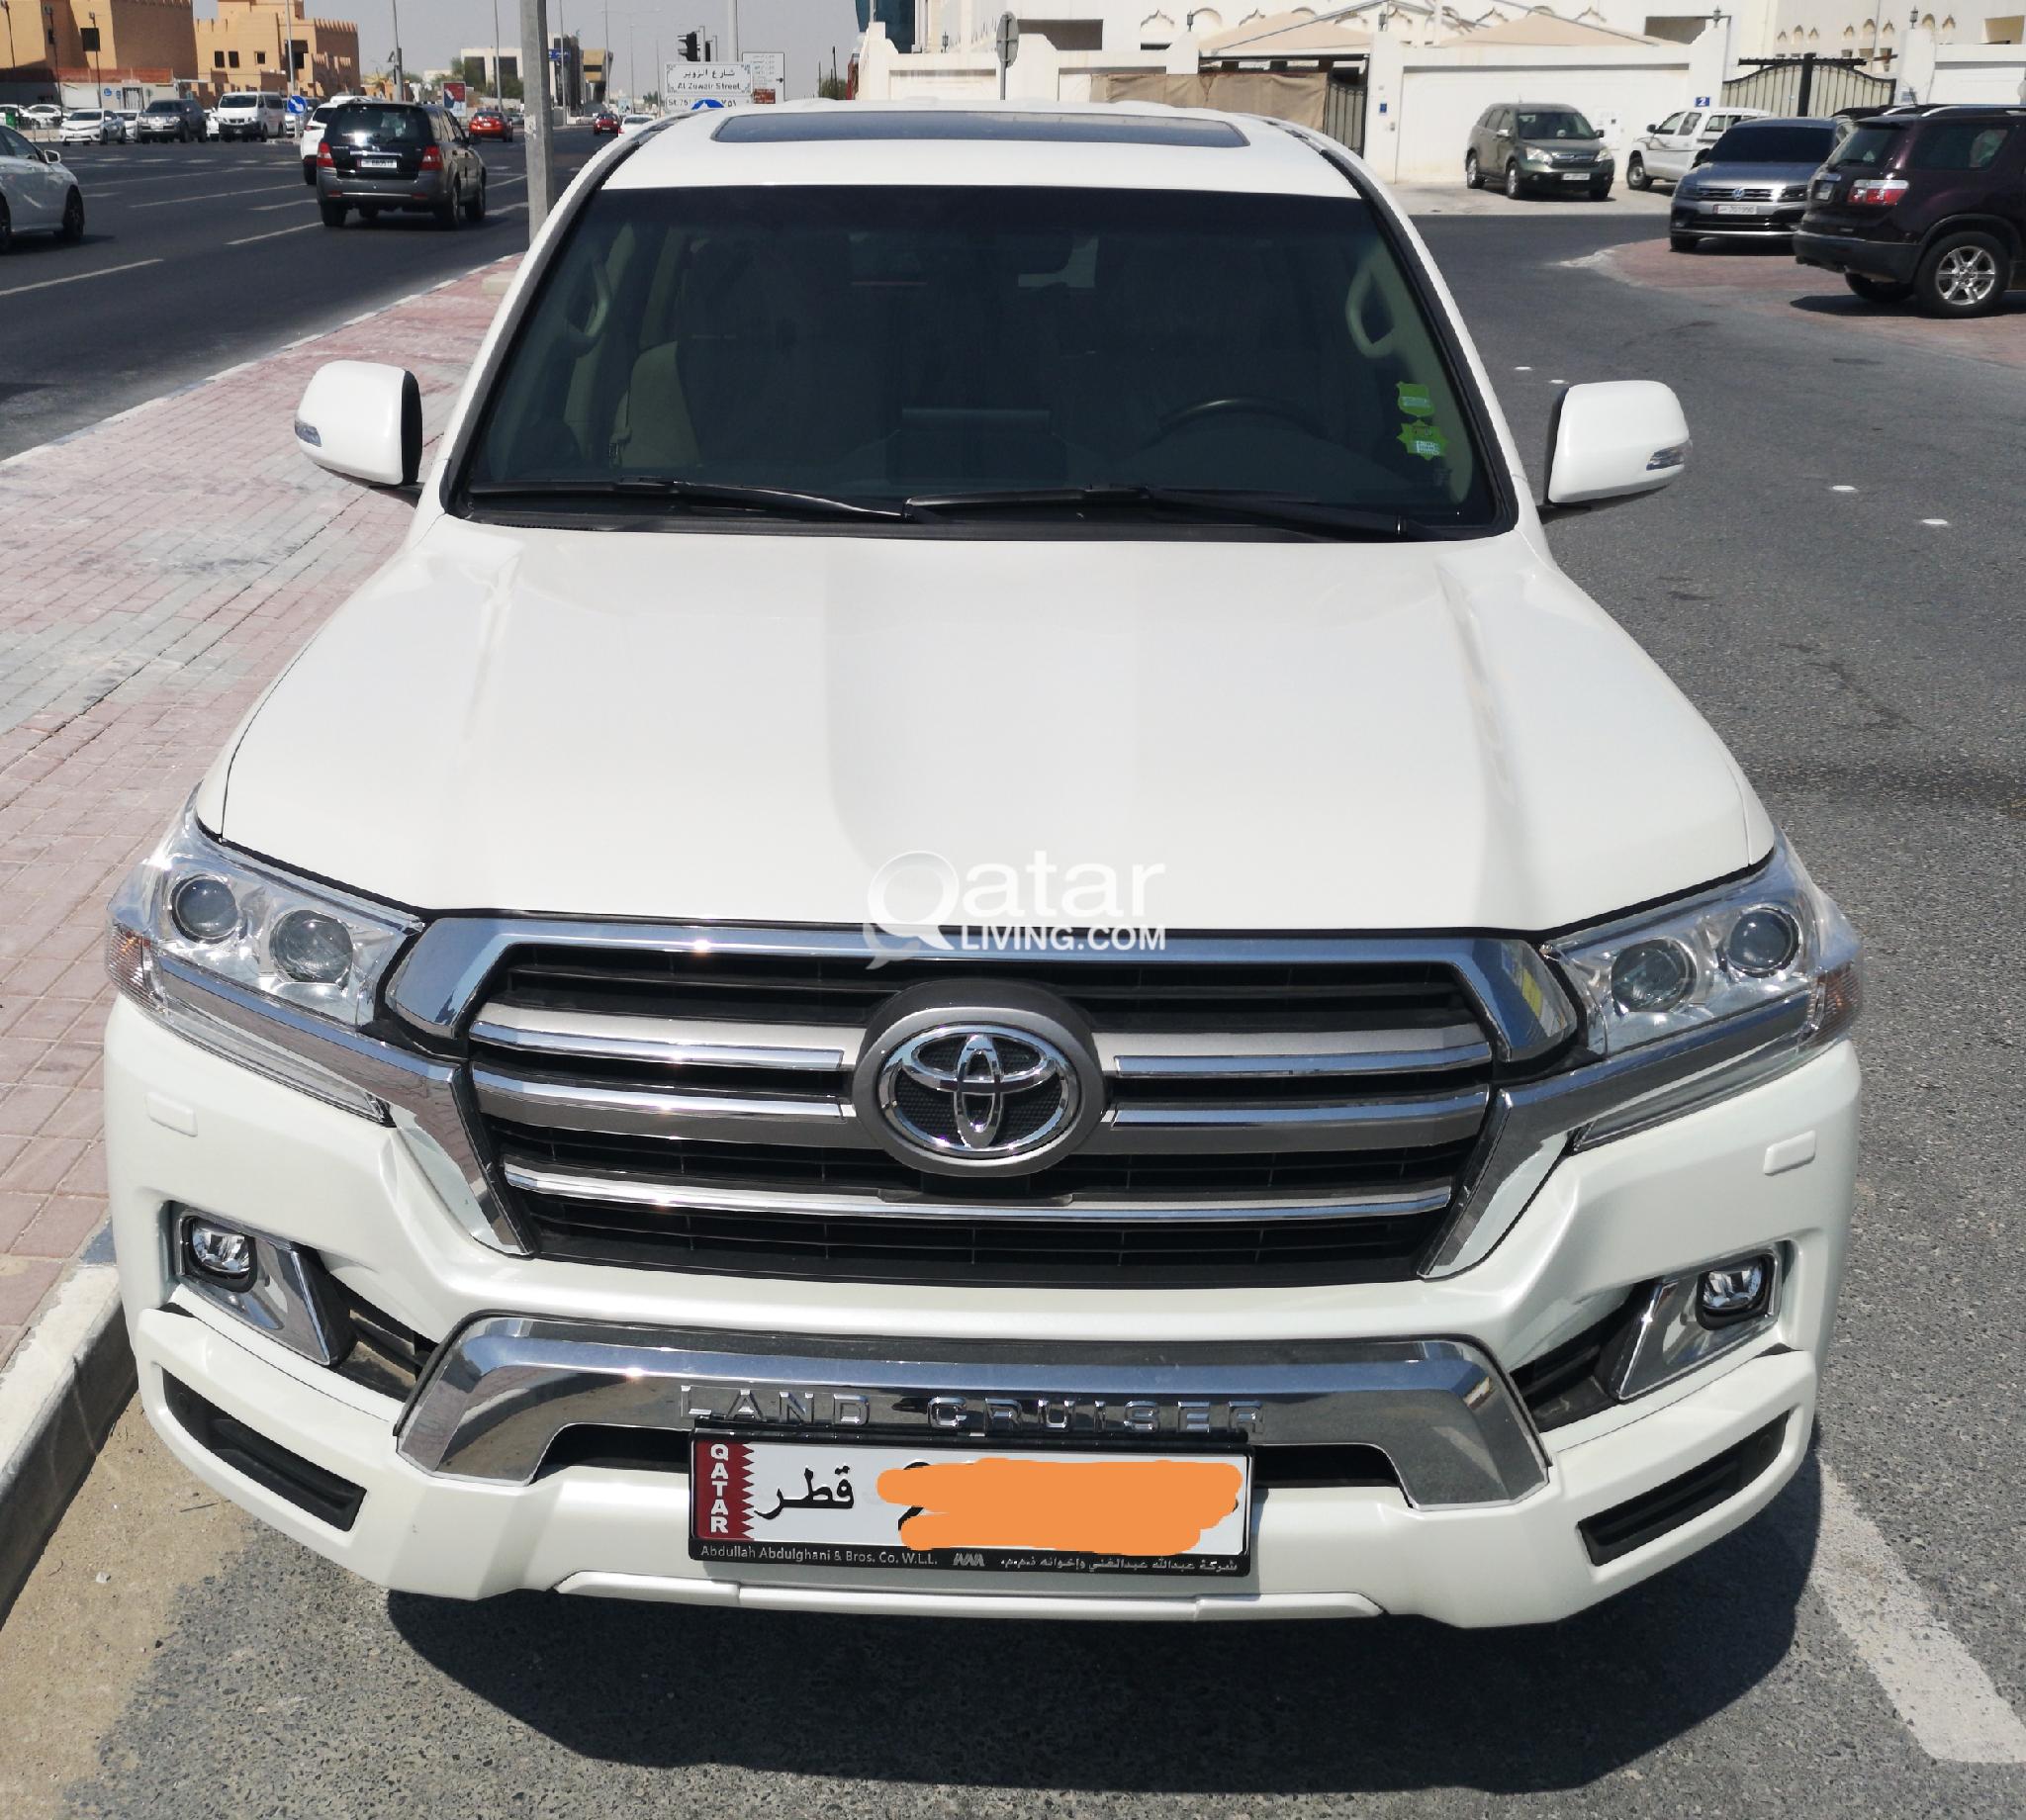 Brand new 2019 GXR V6 high option